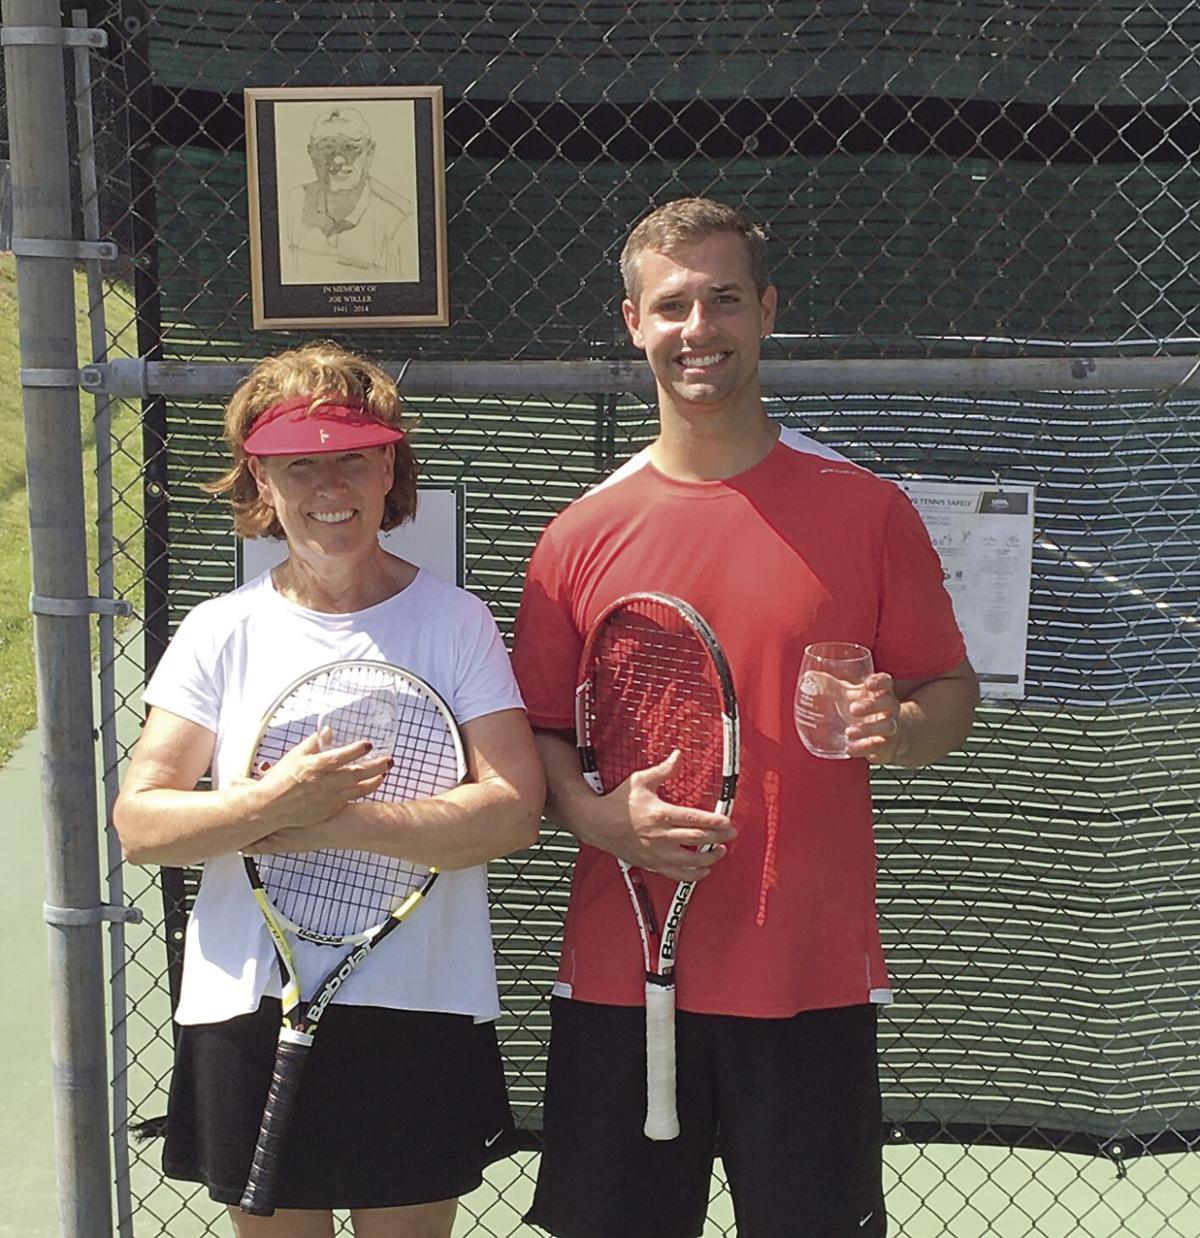 Joe Wikler Memorial Mixed Open Doubles champs